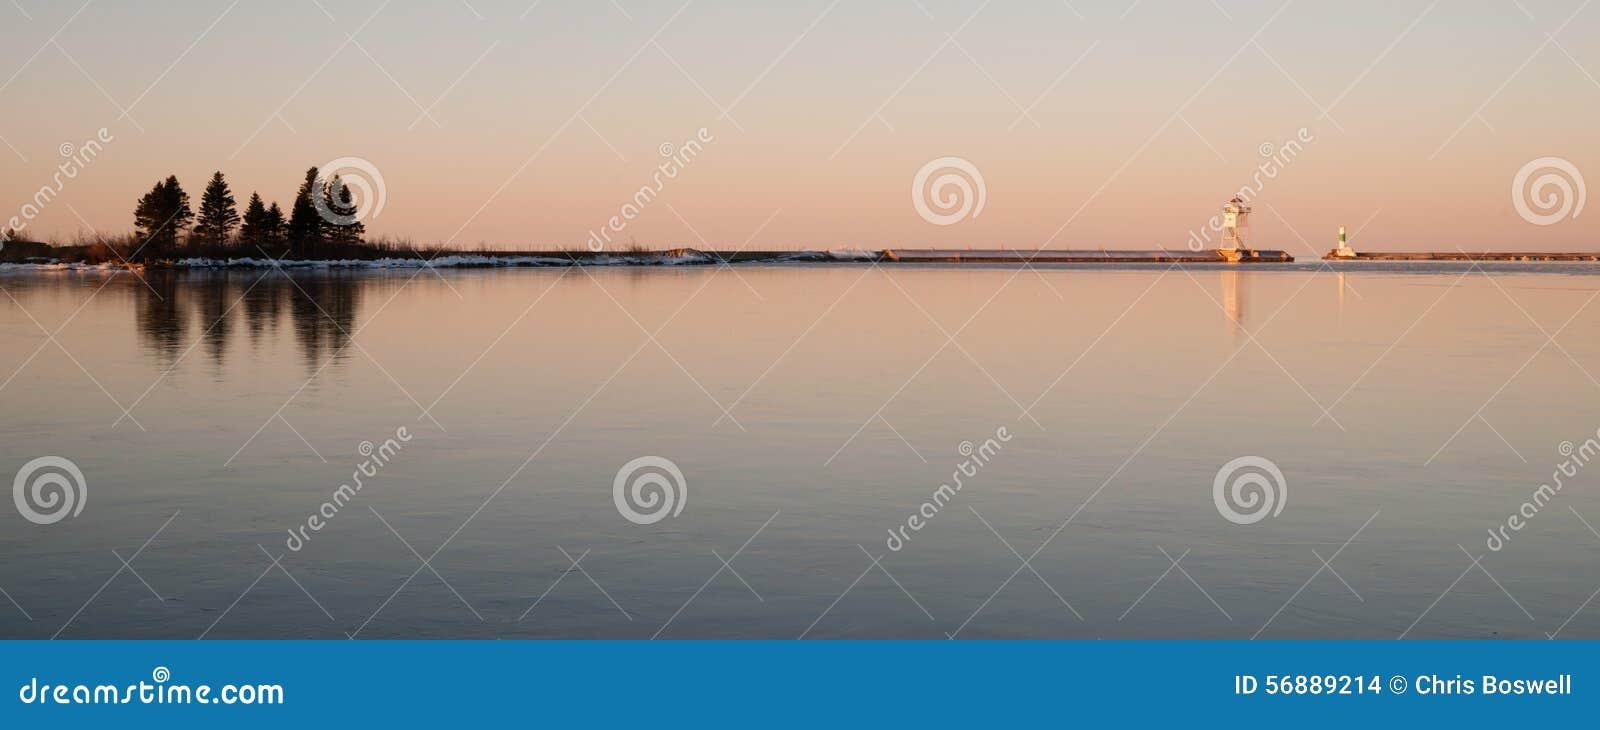 Faro il lago Superiore Minne di Marais del porto leggero di mattina grande